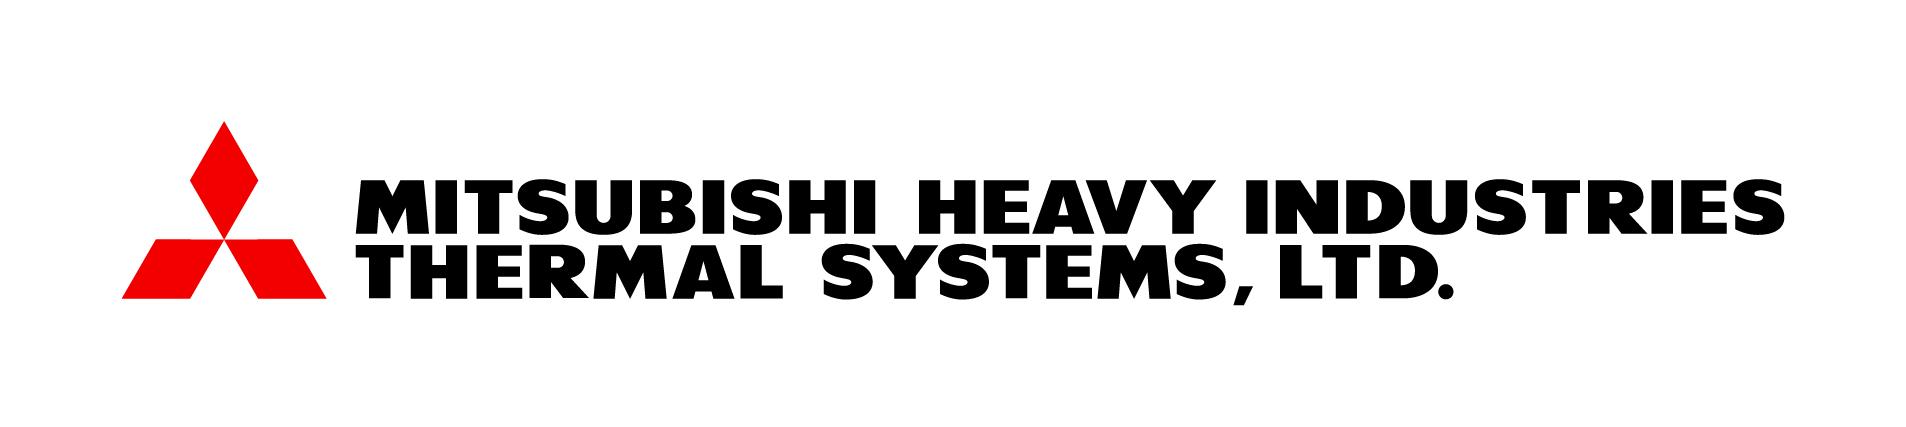 MHI_JAPAN_EFY2a [Converted]-01